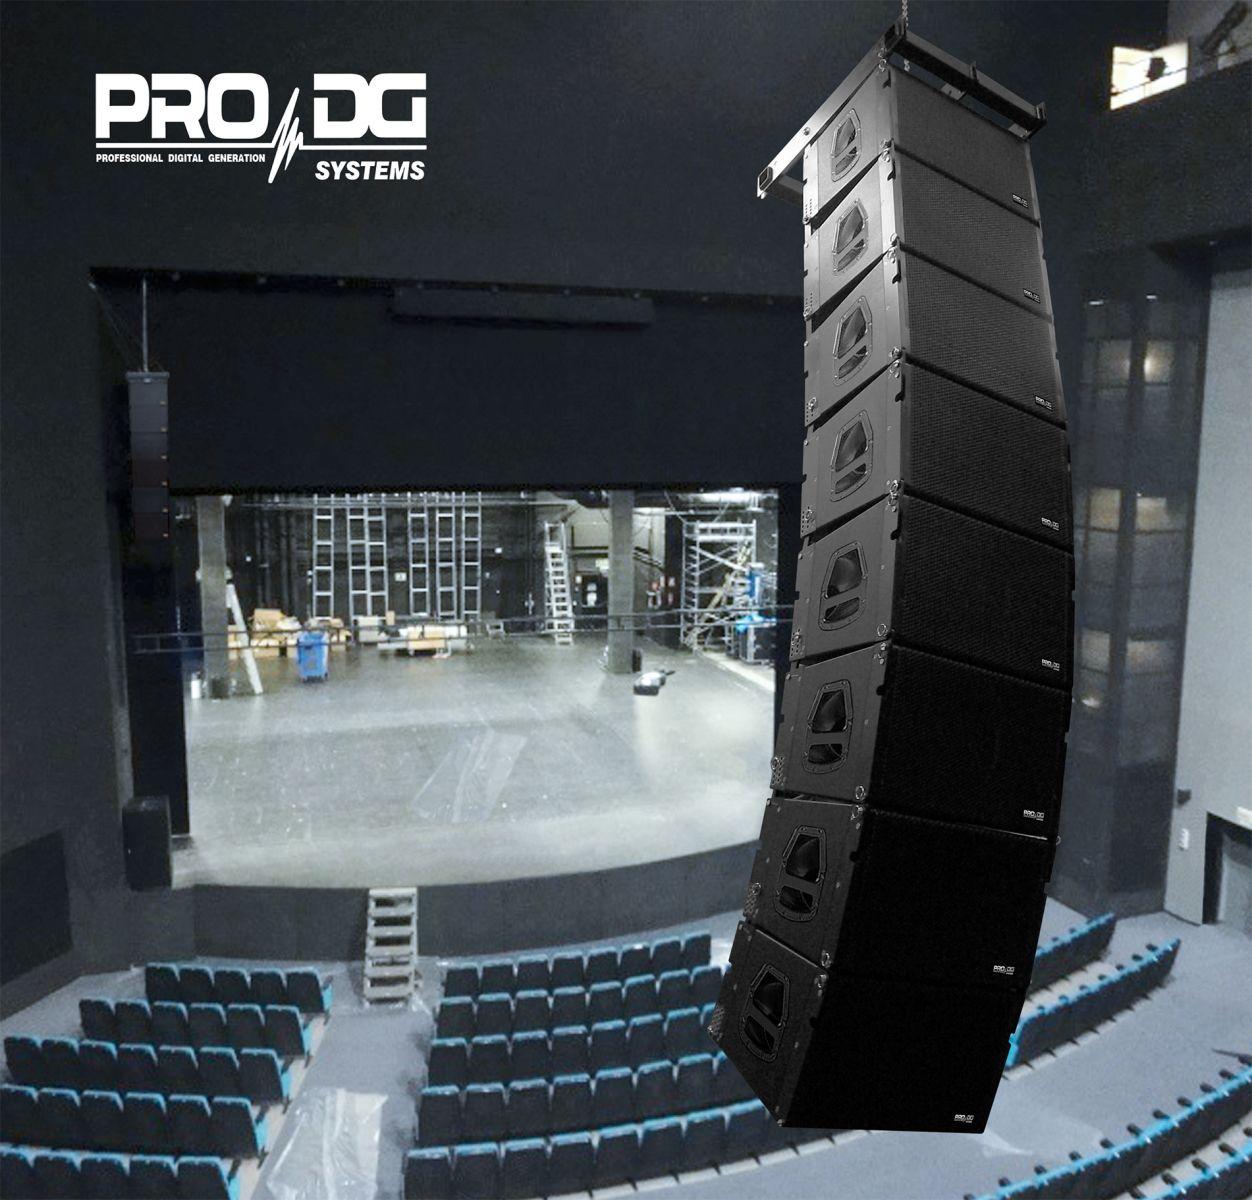 LOA PASSIVE LINE ARRAY PRO DG SYSTEMS - GT 1x12 LA (PRO DG - SPAIN )